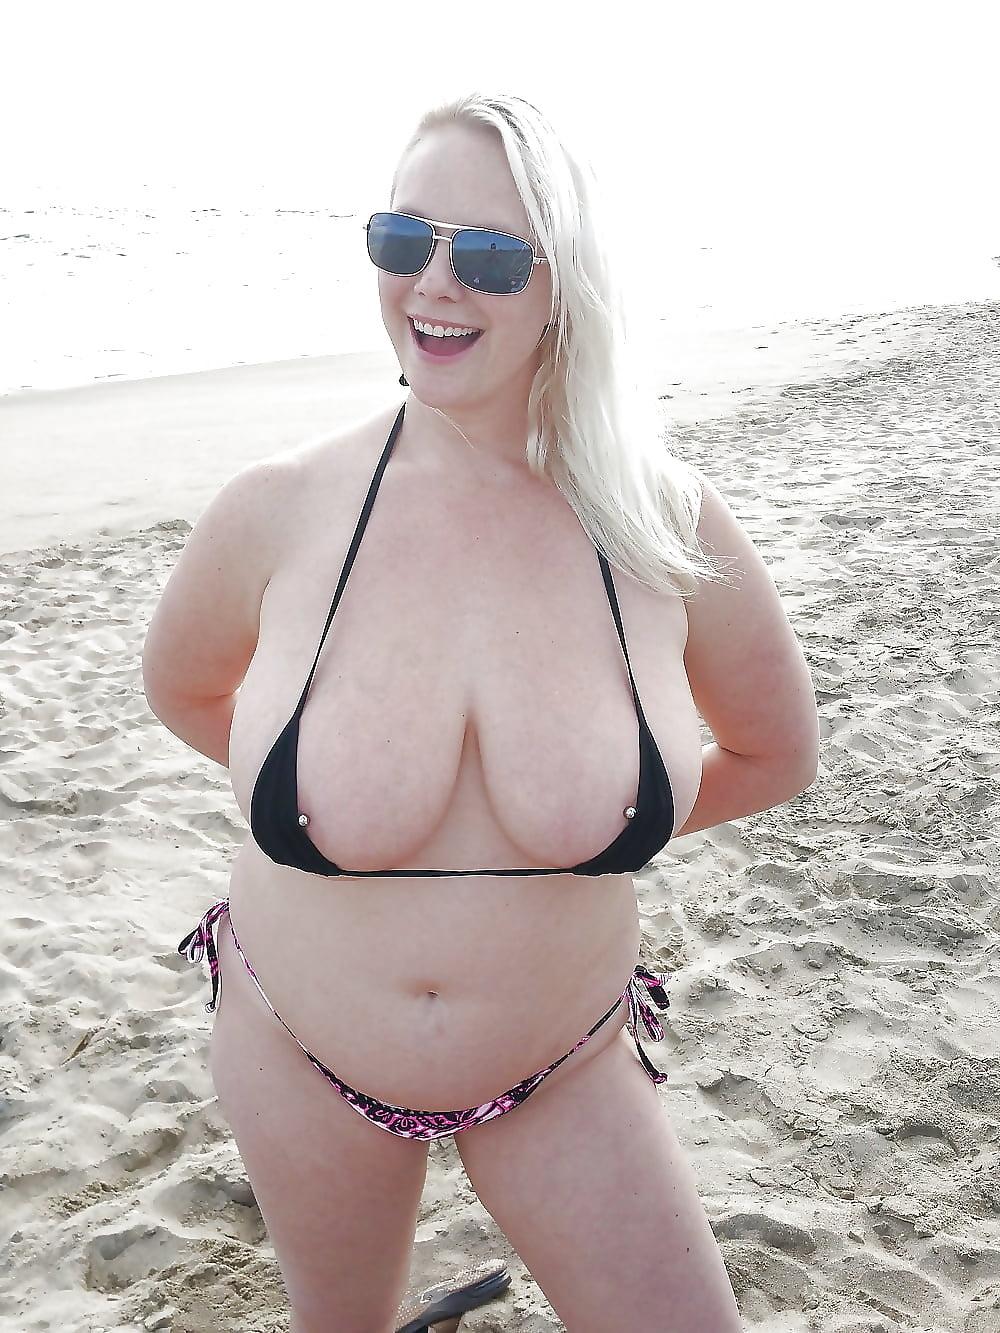 Chubby Girl Bikini